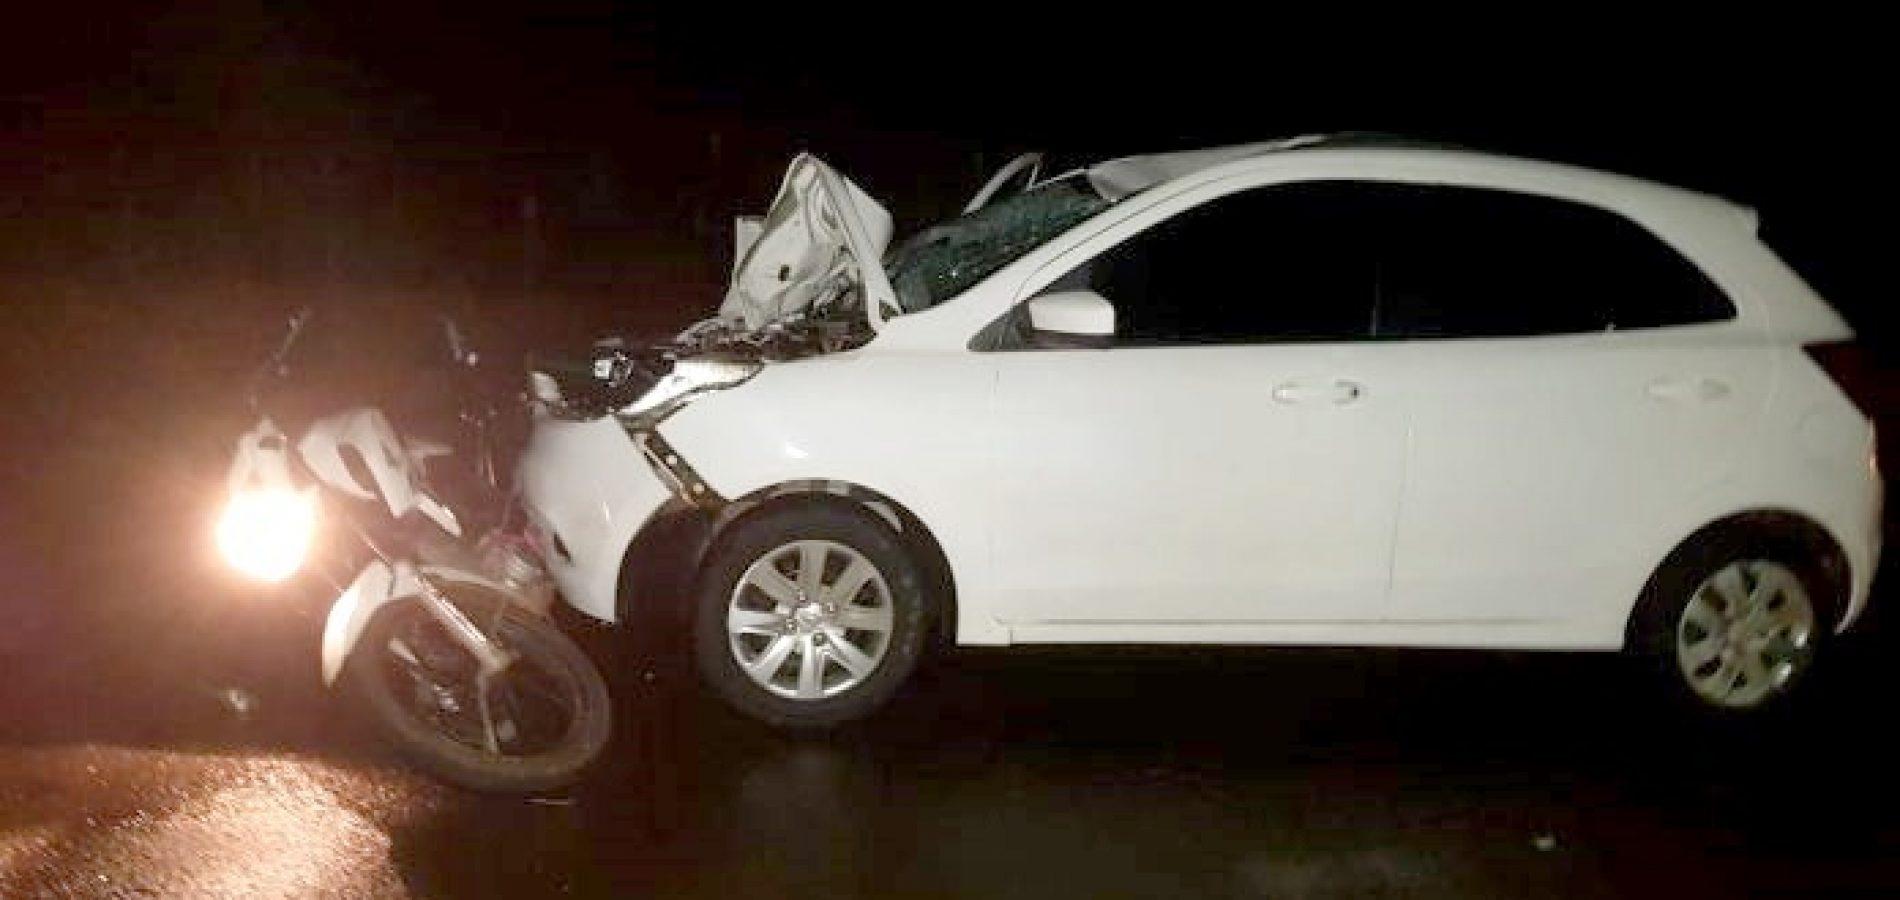 Suspeitos de furtar moto morrem após colisão com carro em estrada do Piauí